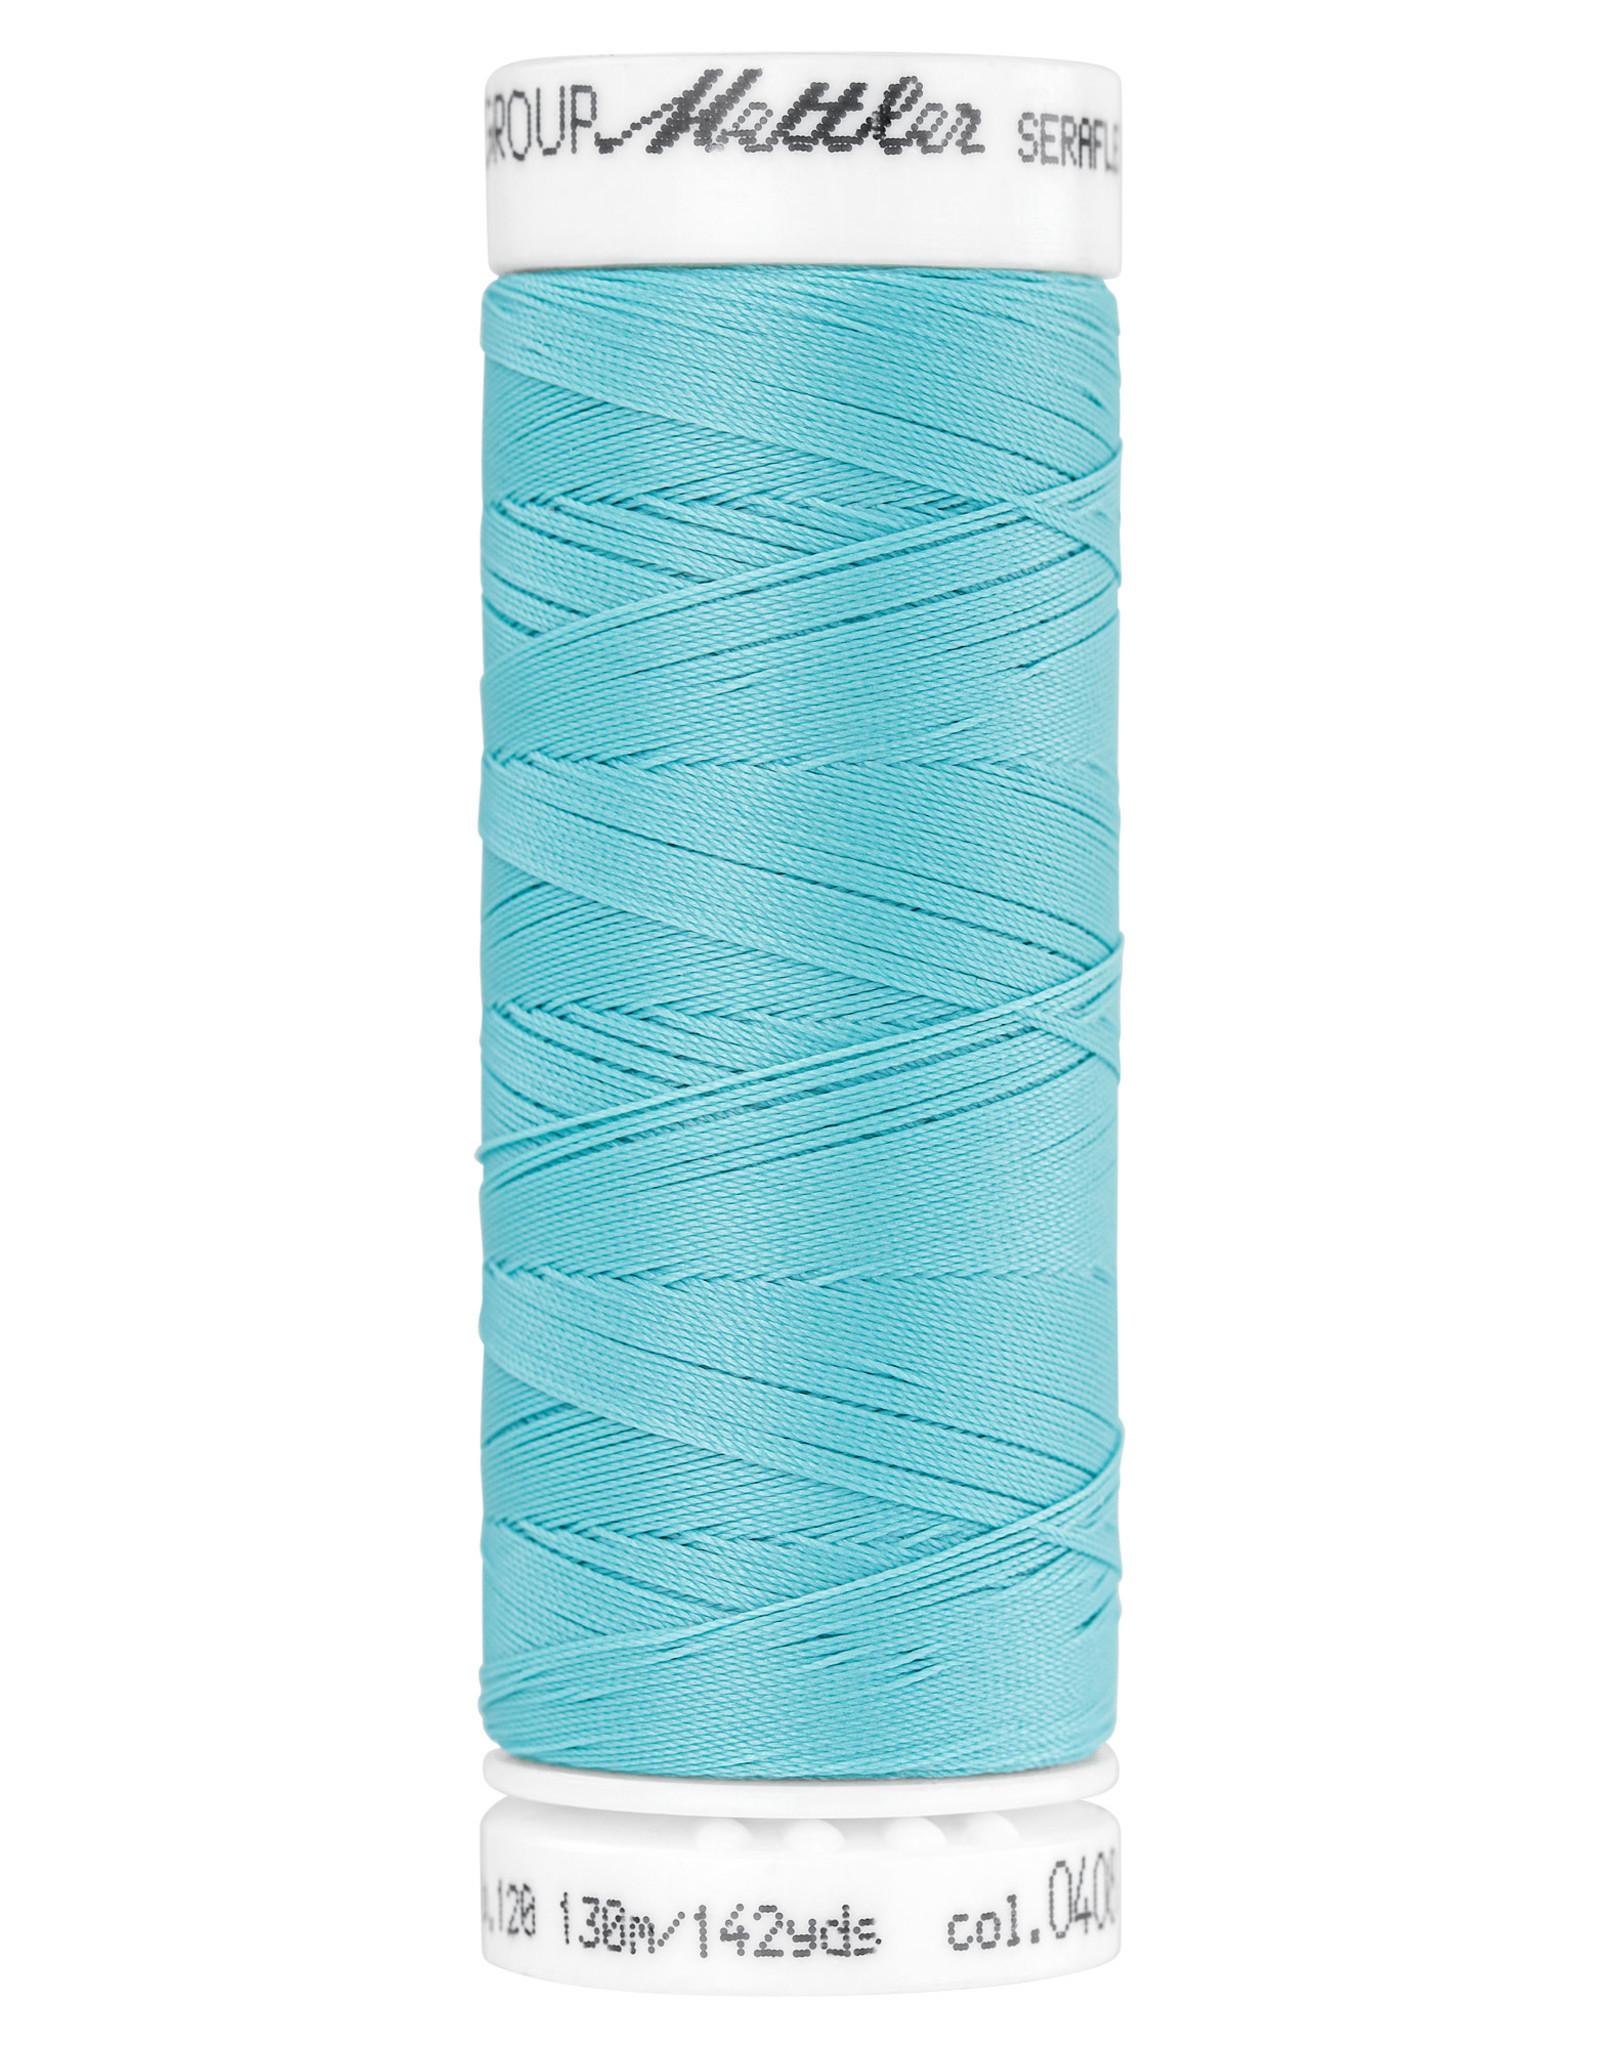 Mettler SERAFLEX elastisch naaigaren 120 130m/142yds nr 408